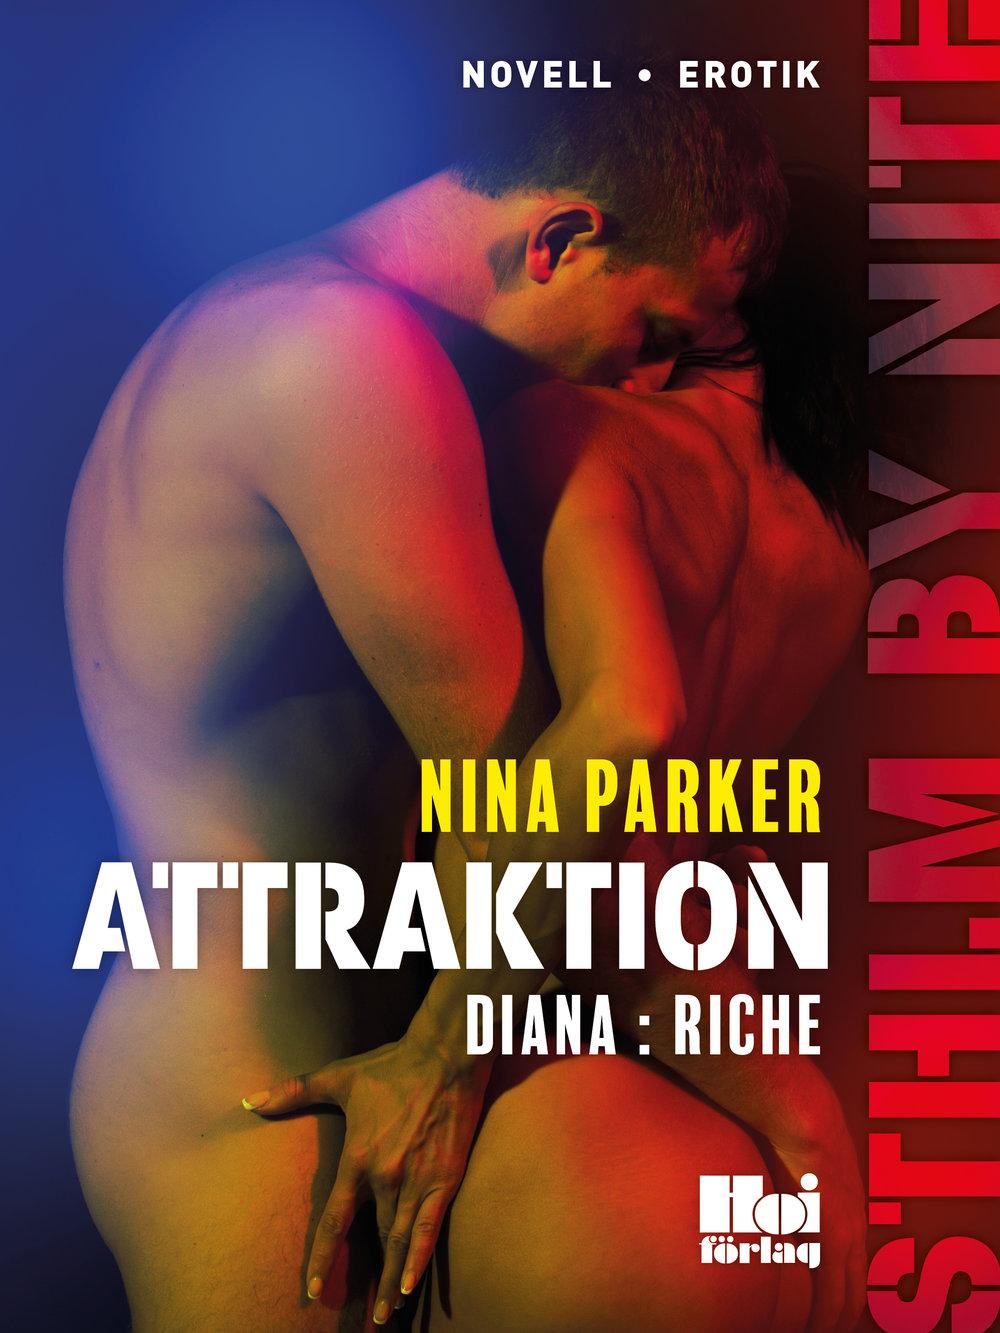 E-bok Attraktion - Diana : Riche av Nina Parker